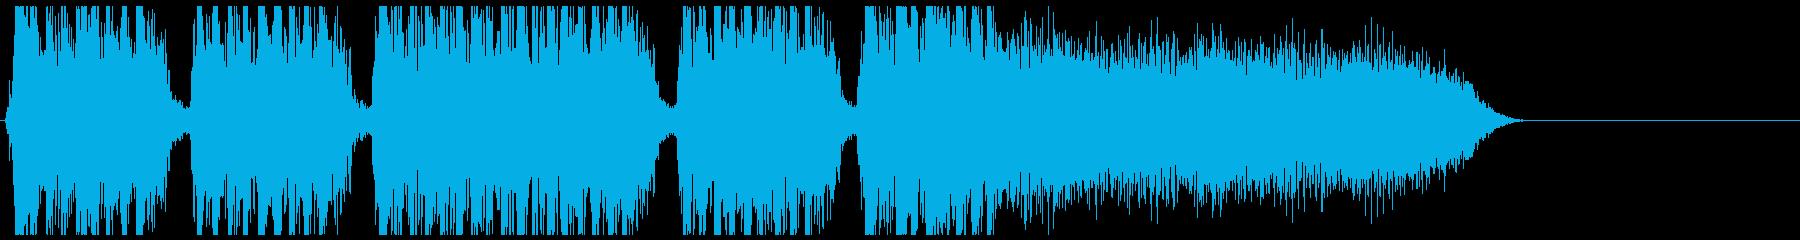 メタルコア系のジングル曲です。の再生済みの波形